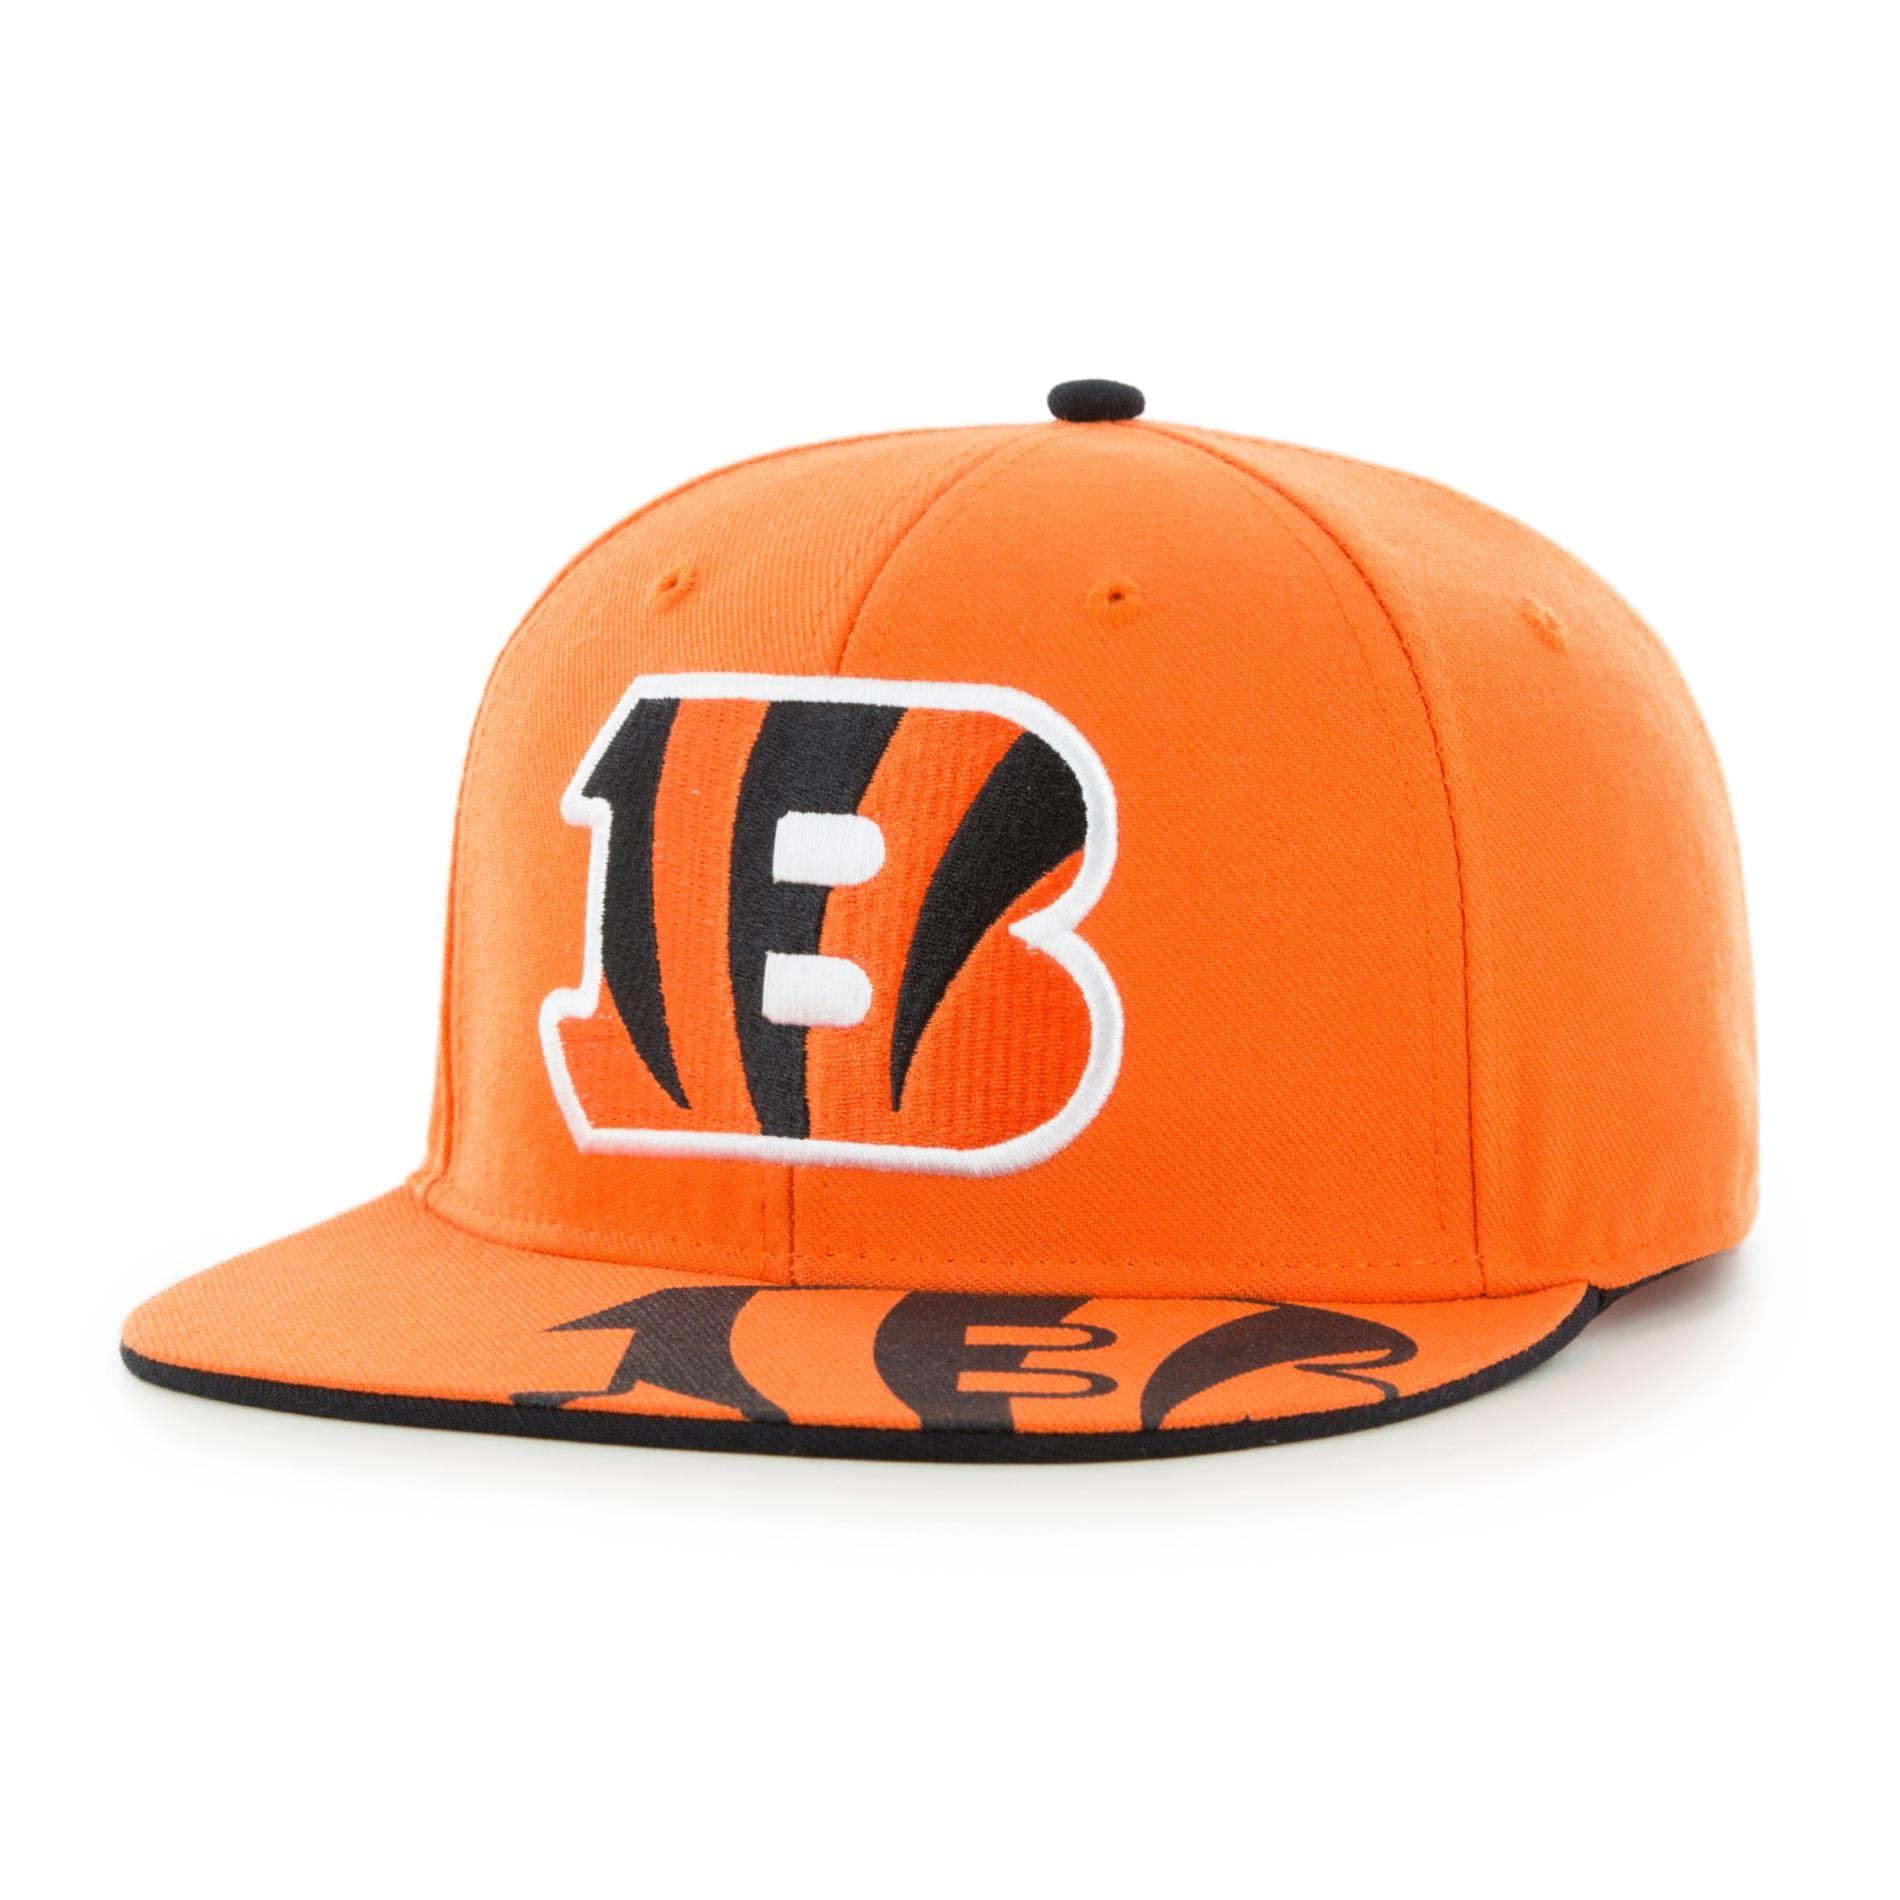 5a4f3700 NFL Men's Snapback Hat - Cincinnati Bengals, Hats | Lasmooove #imsoo ...